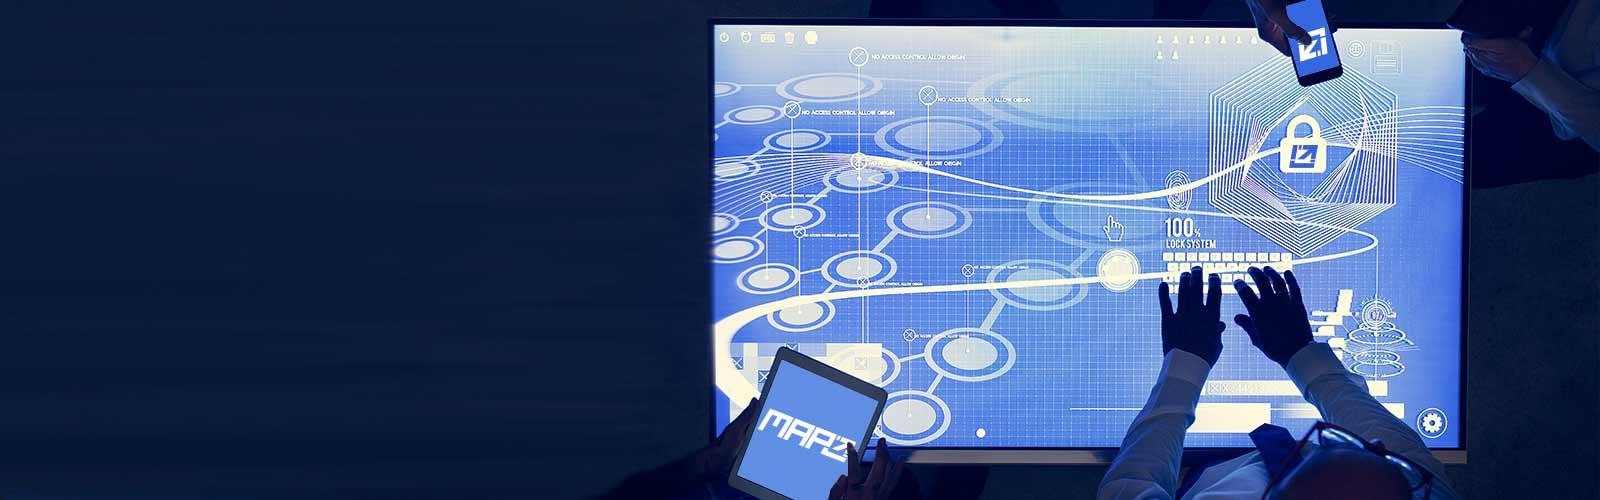 Werbeagentur MAPO Potsdam DSGVO Datenschutz Website